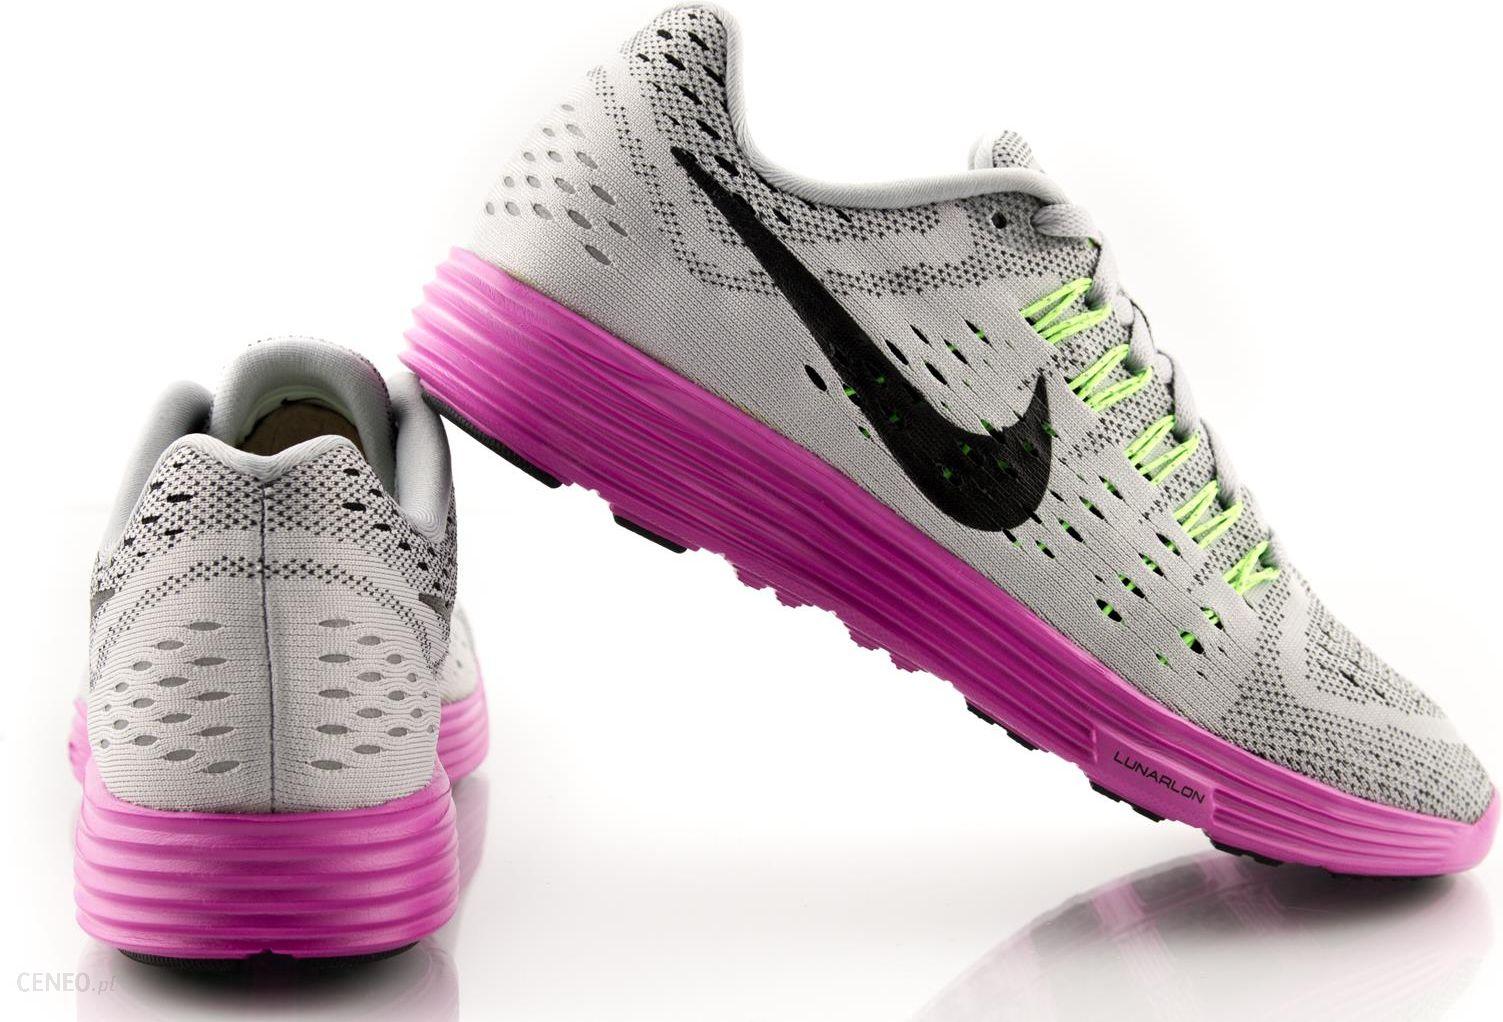 new product 27e20 5d1ed Buty Nike Lunartempo damskie do biegania r 38,5 - zdjęcie 1